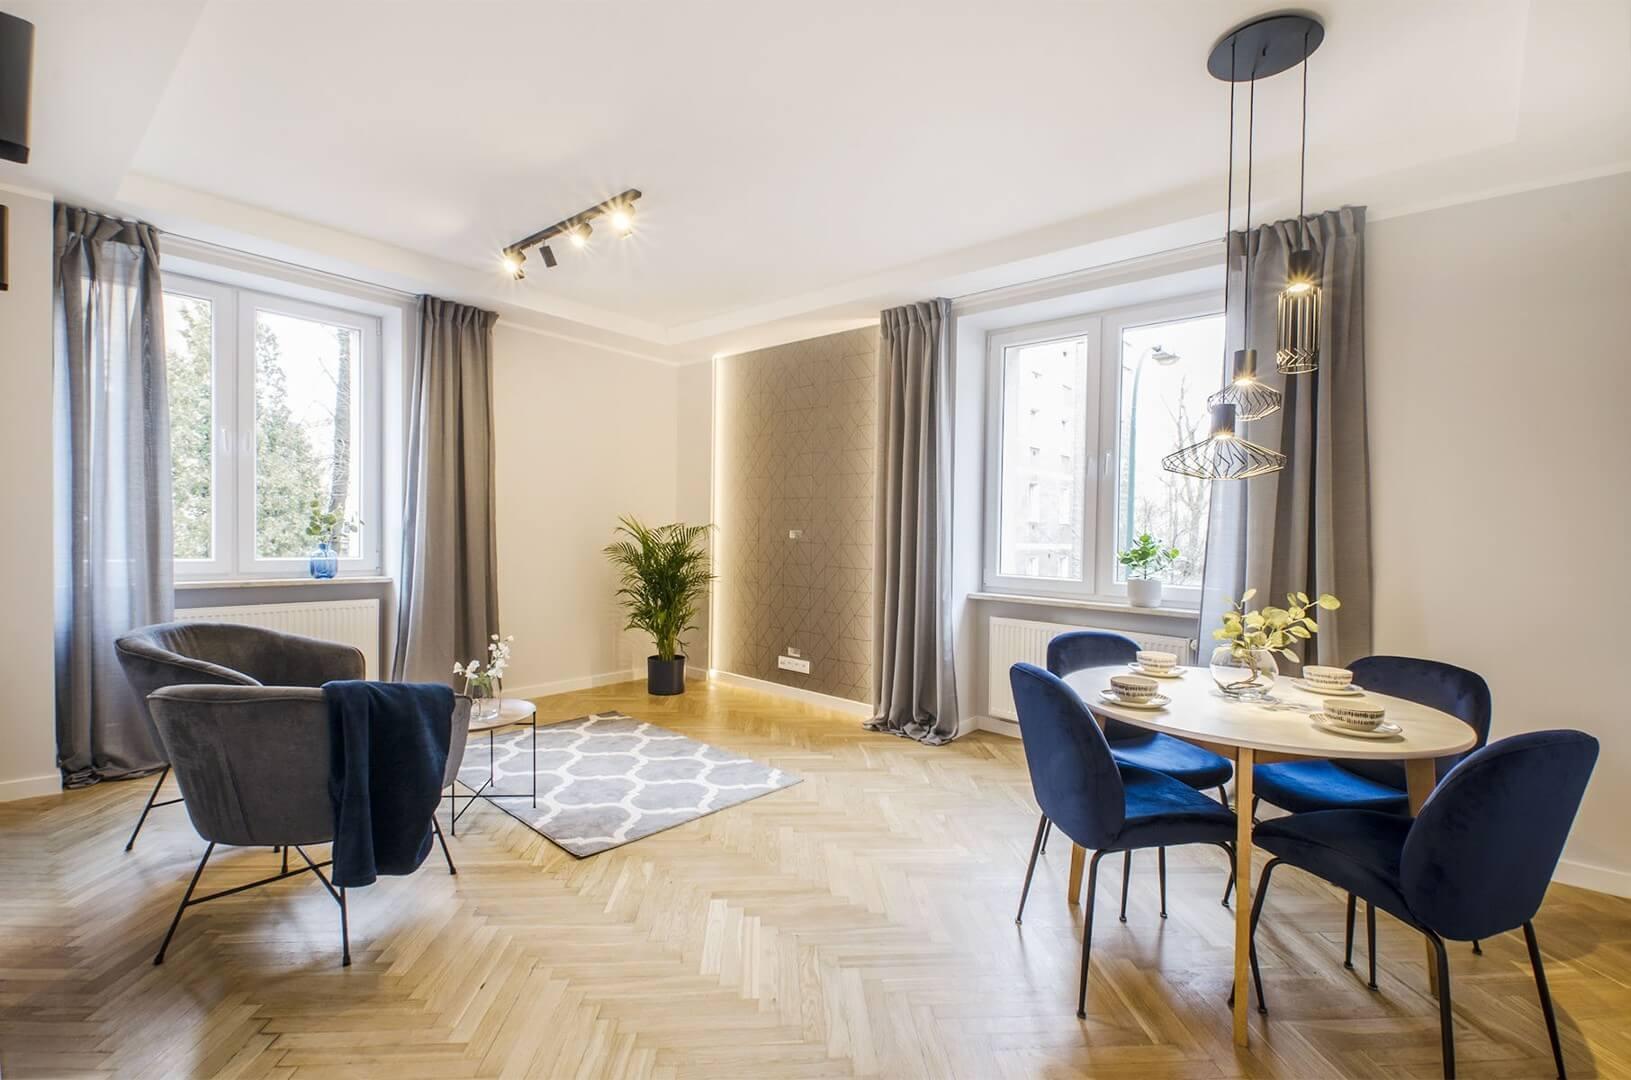 2-комнатная квартира 50 м2, Варшава